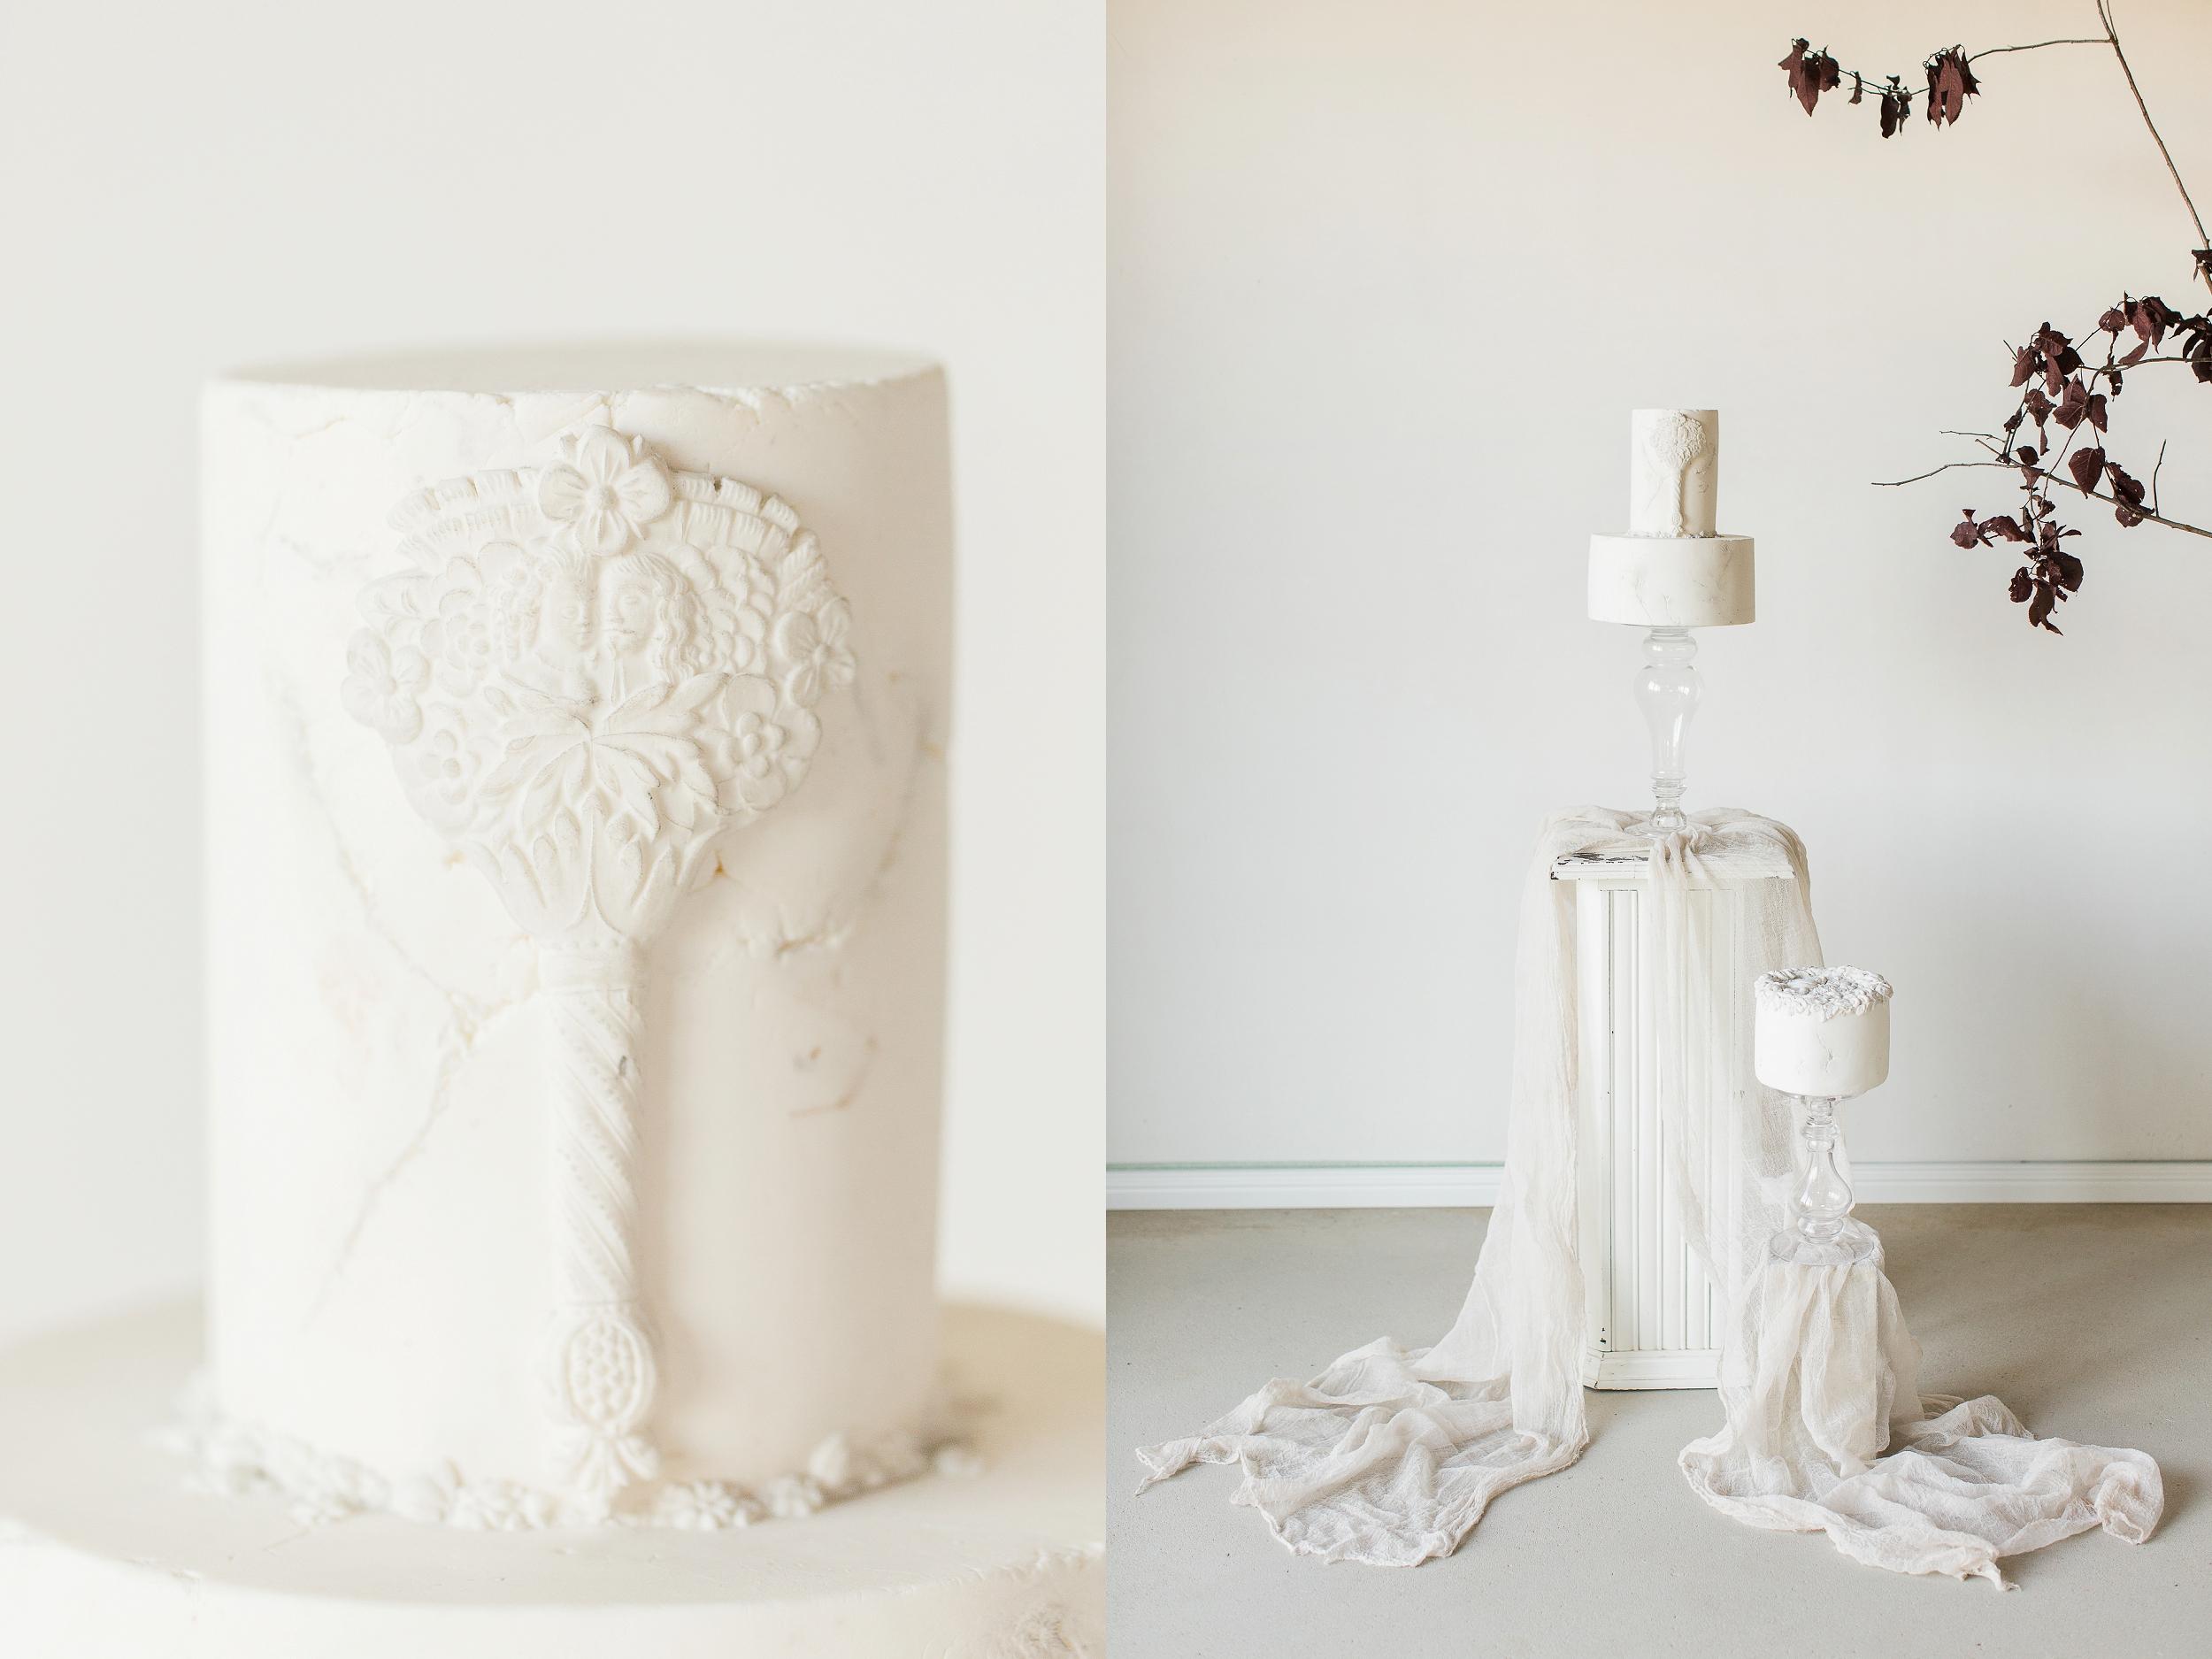 Studio Afterwedding shoot in Hennef with  Suesse poesie - Tanja Kibogo (29).JPG